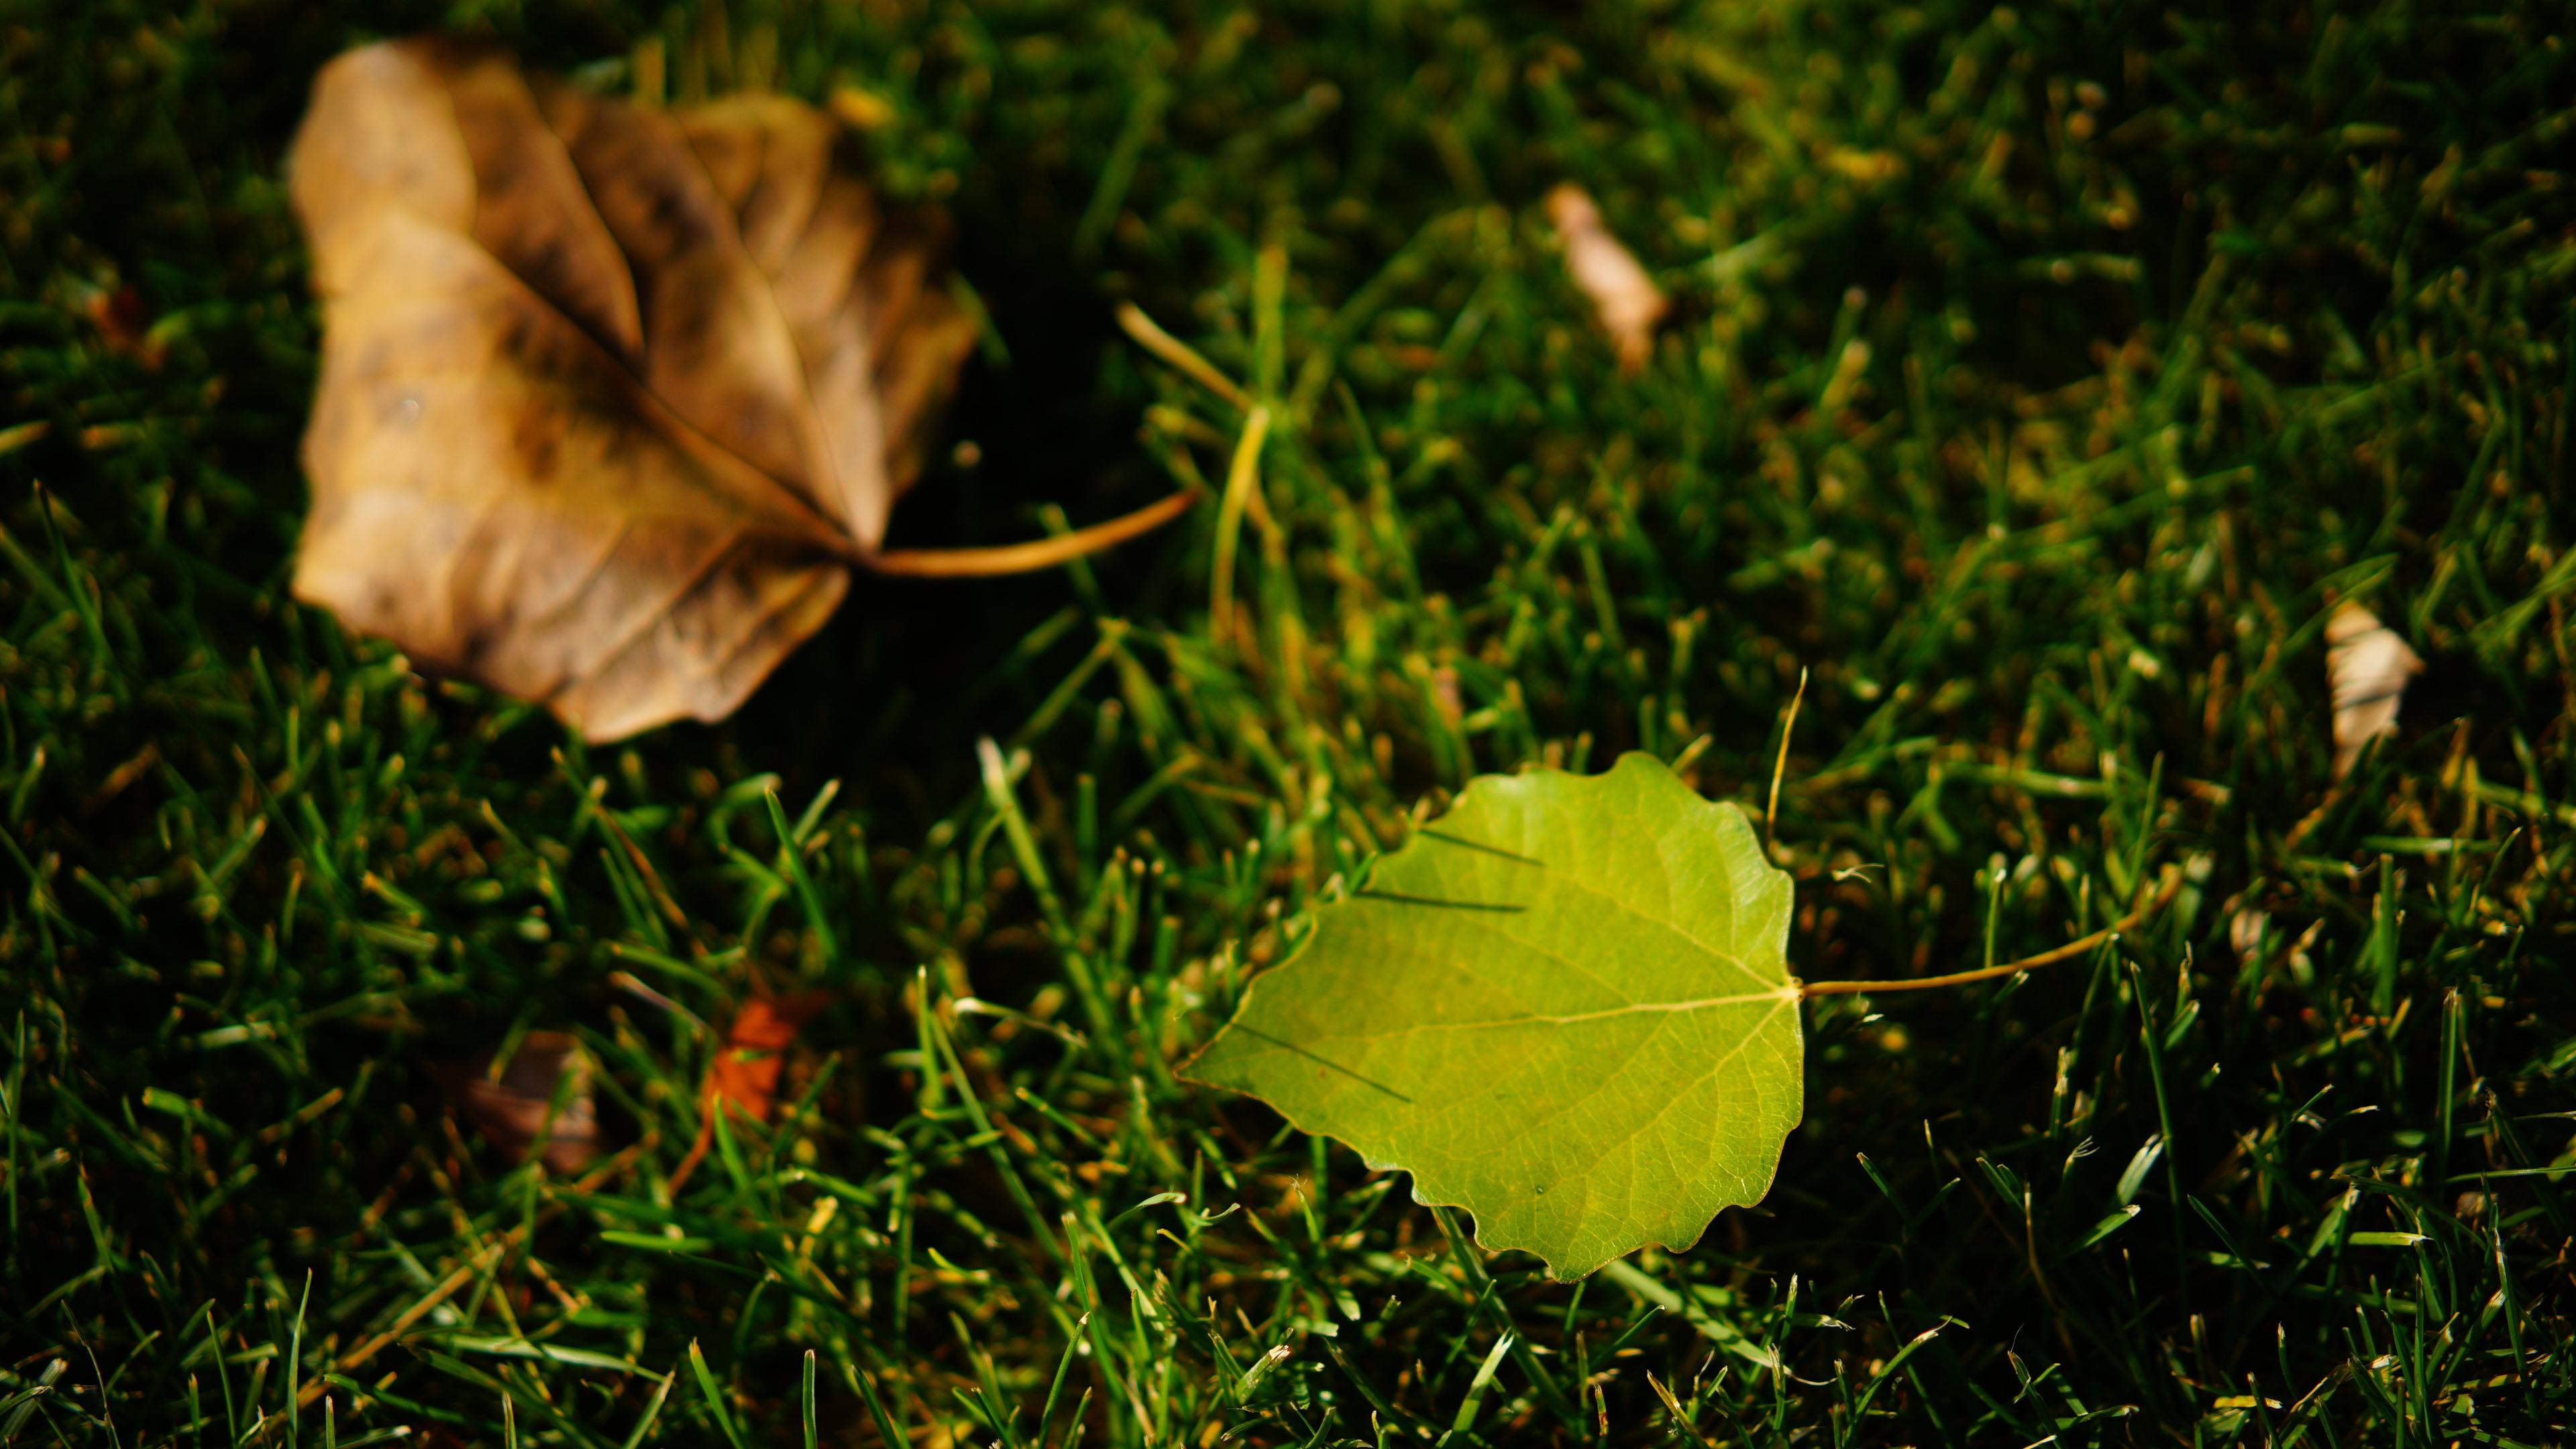 Wallpaper Green Leaf, Grass, Light 5120x2880 UHD 5K